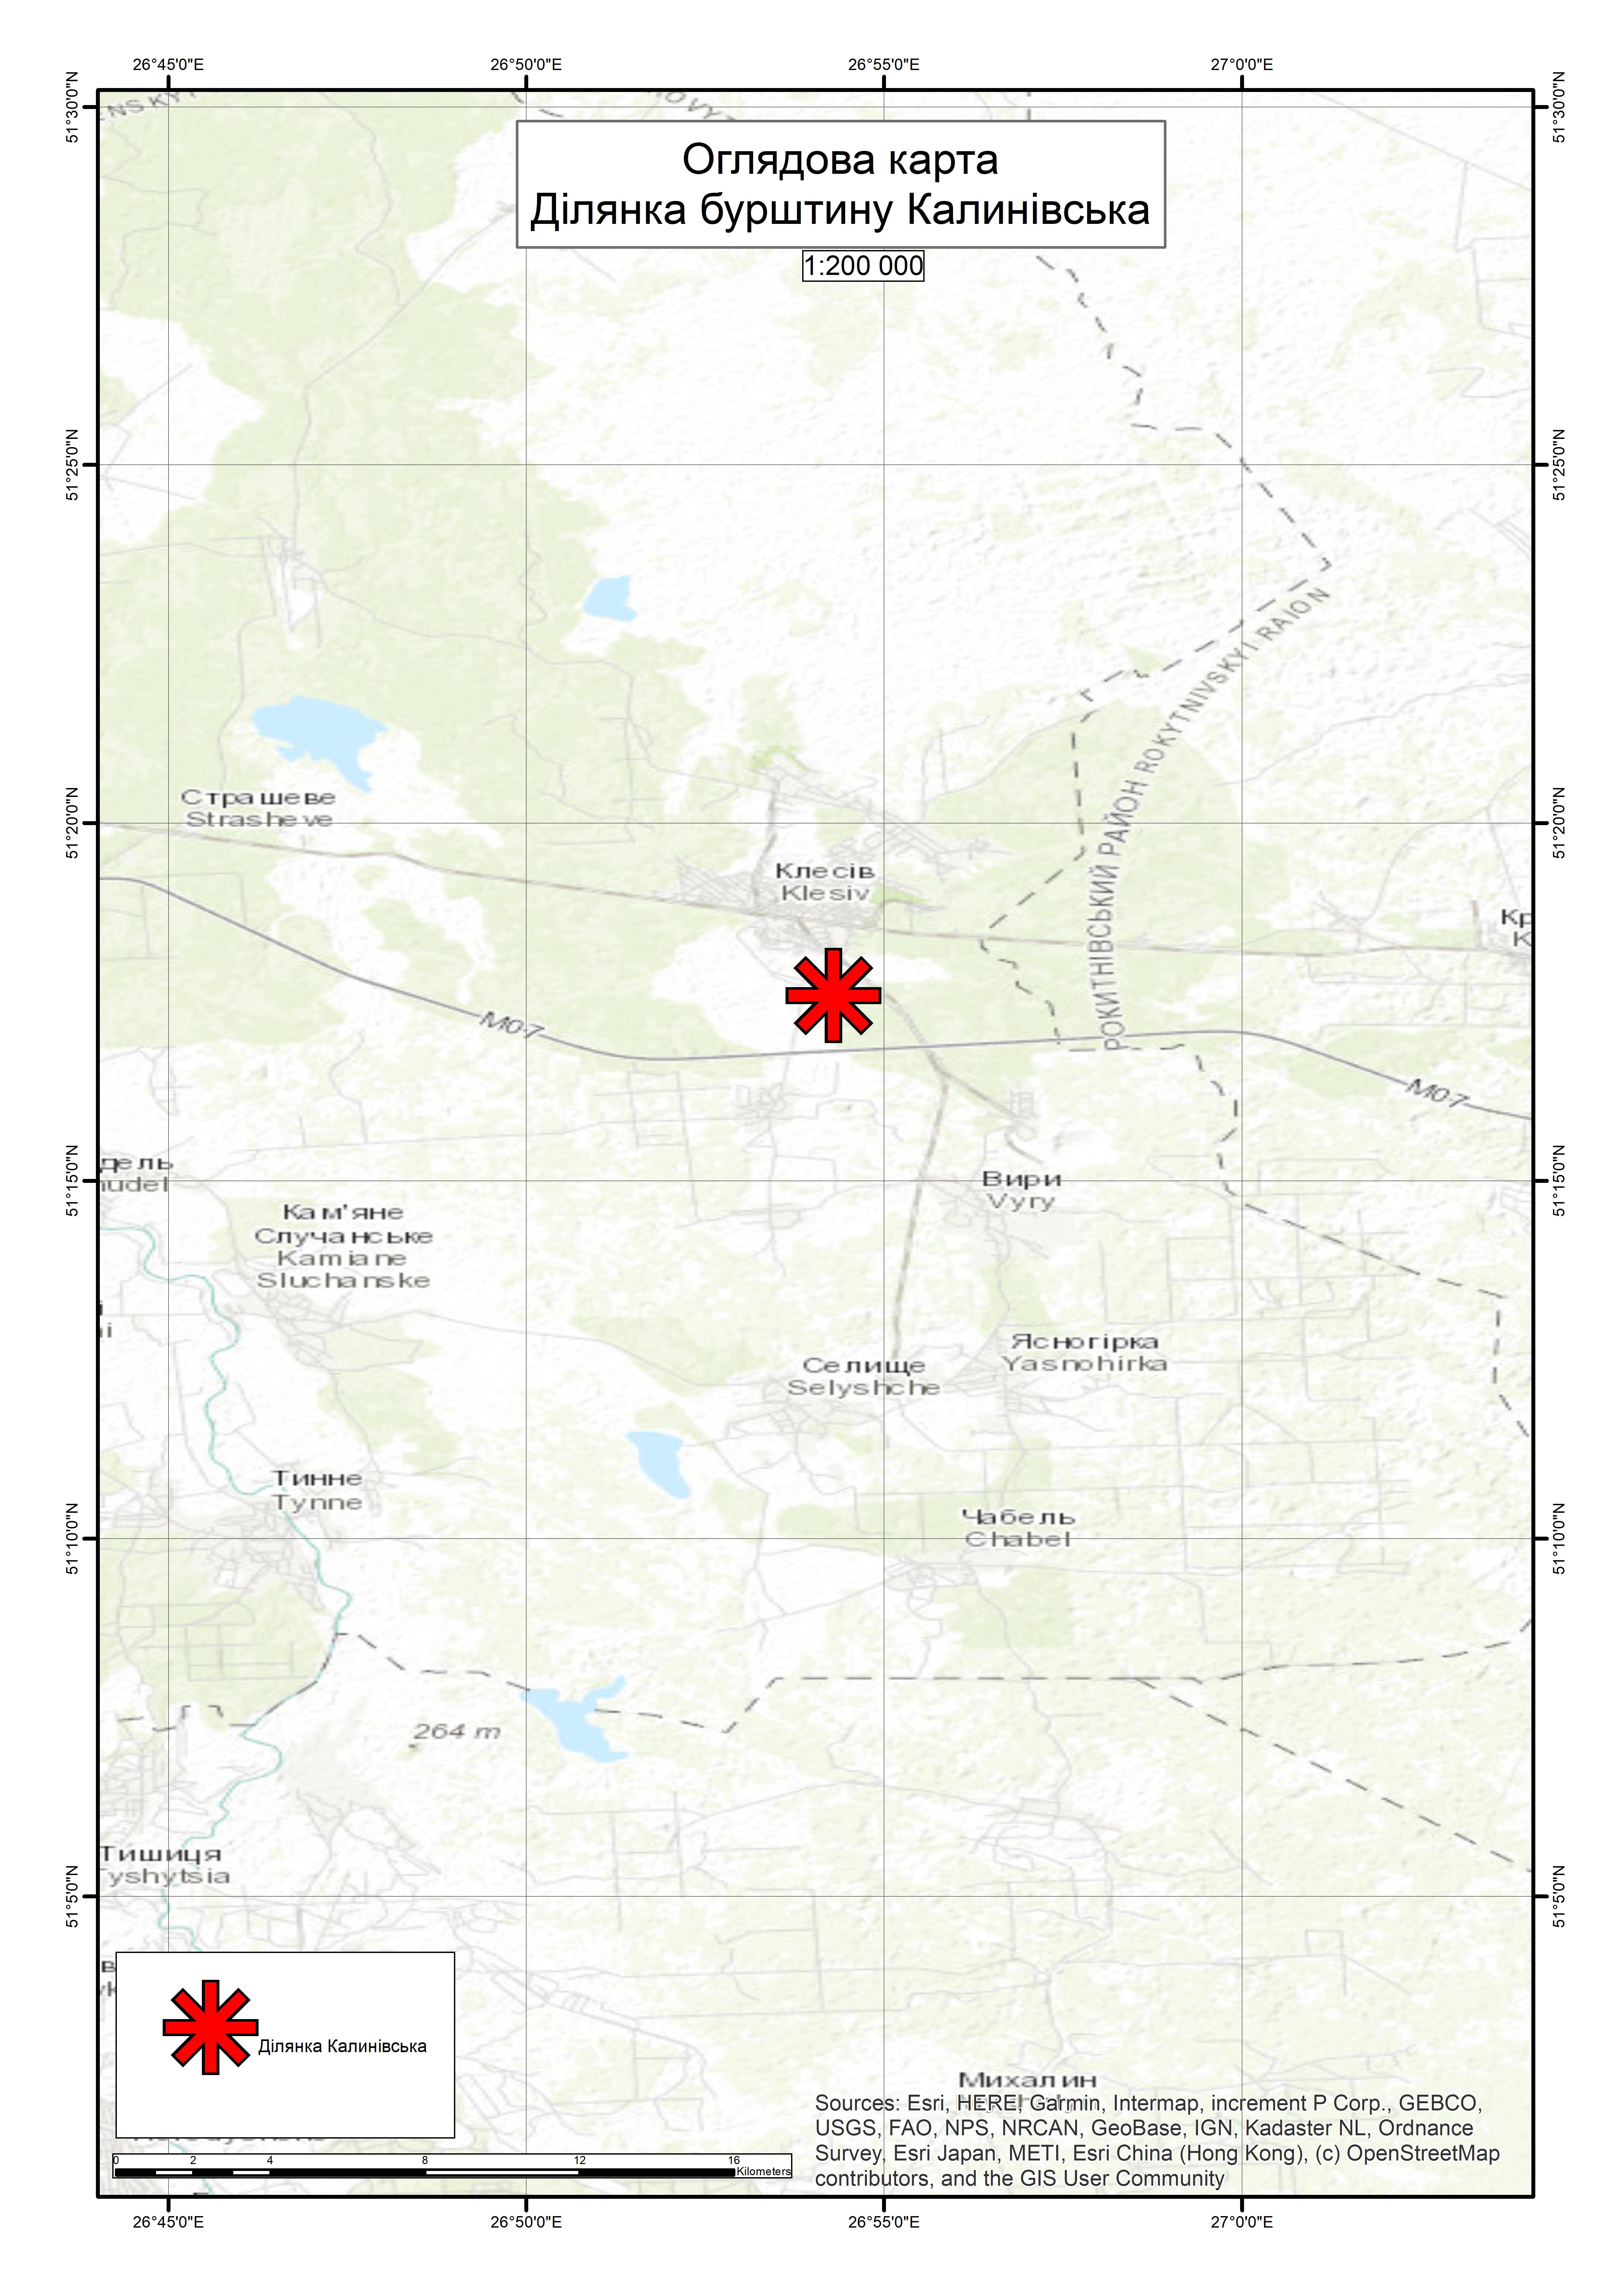 Спеціальний дозвіл на користування надрами – Ділянка Калинівська. Вартість геологічної інформації – 124 434,97 грн (з ПДВ). Вартість пакету аукціонної документації – 10 141,25 грн (з ПДВ).